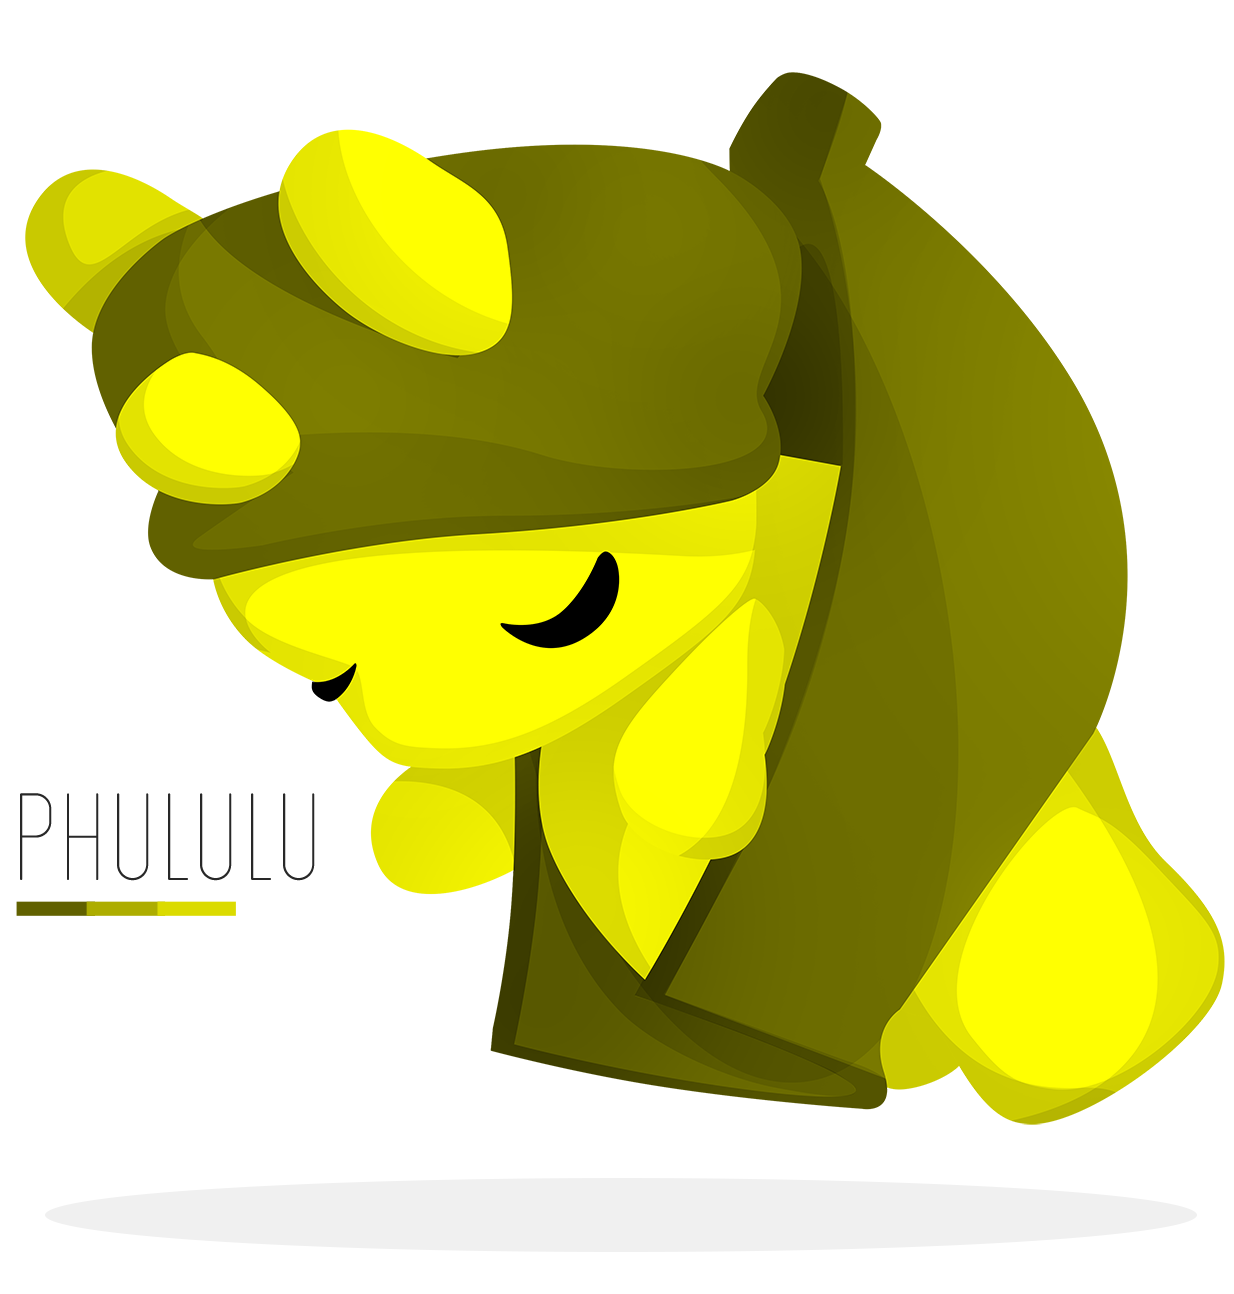 Phululu